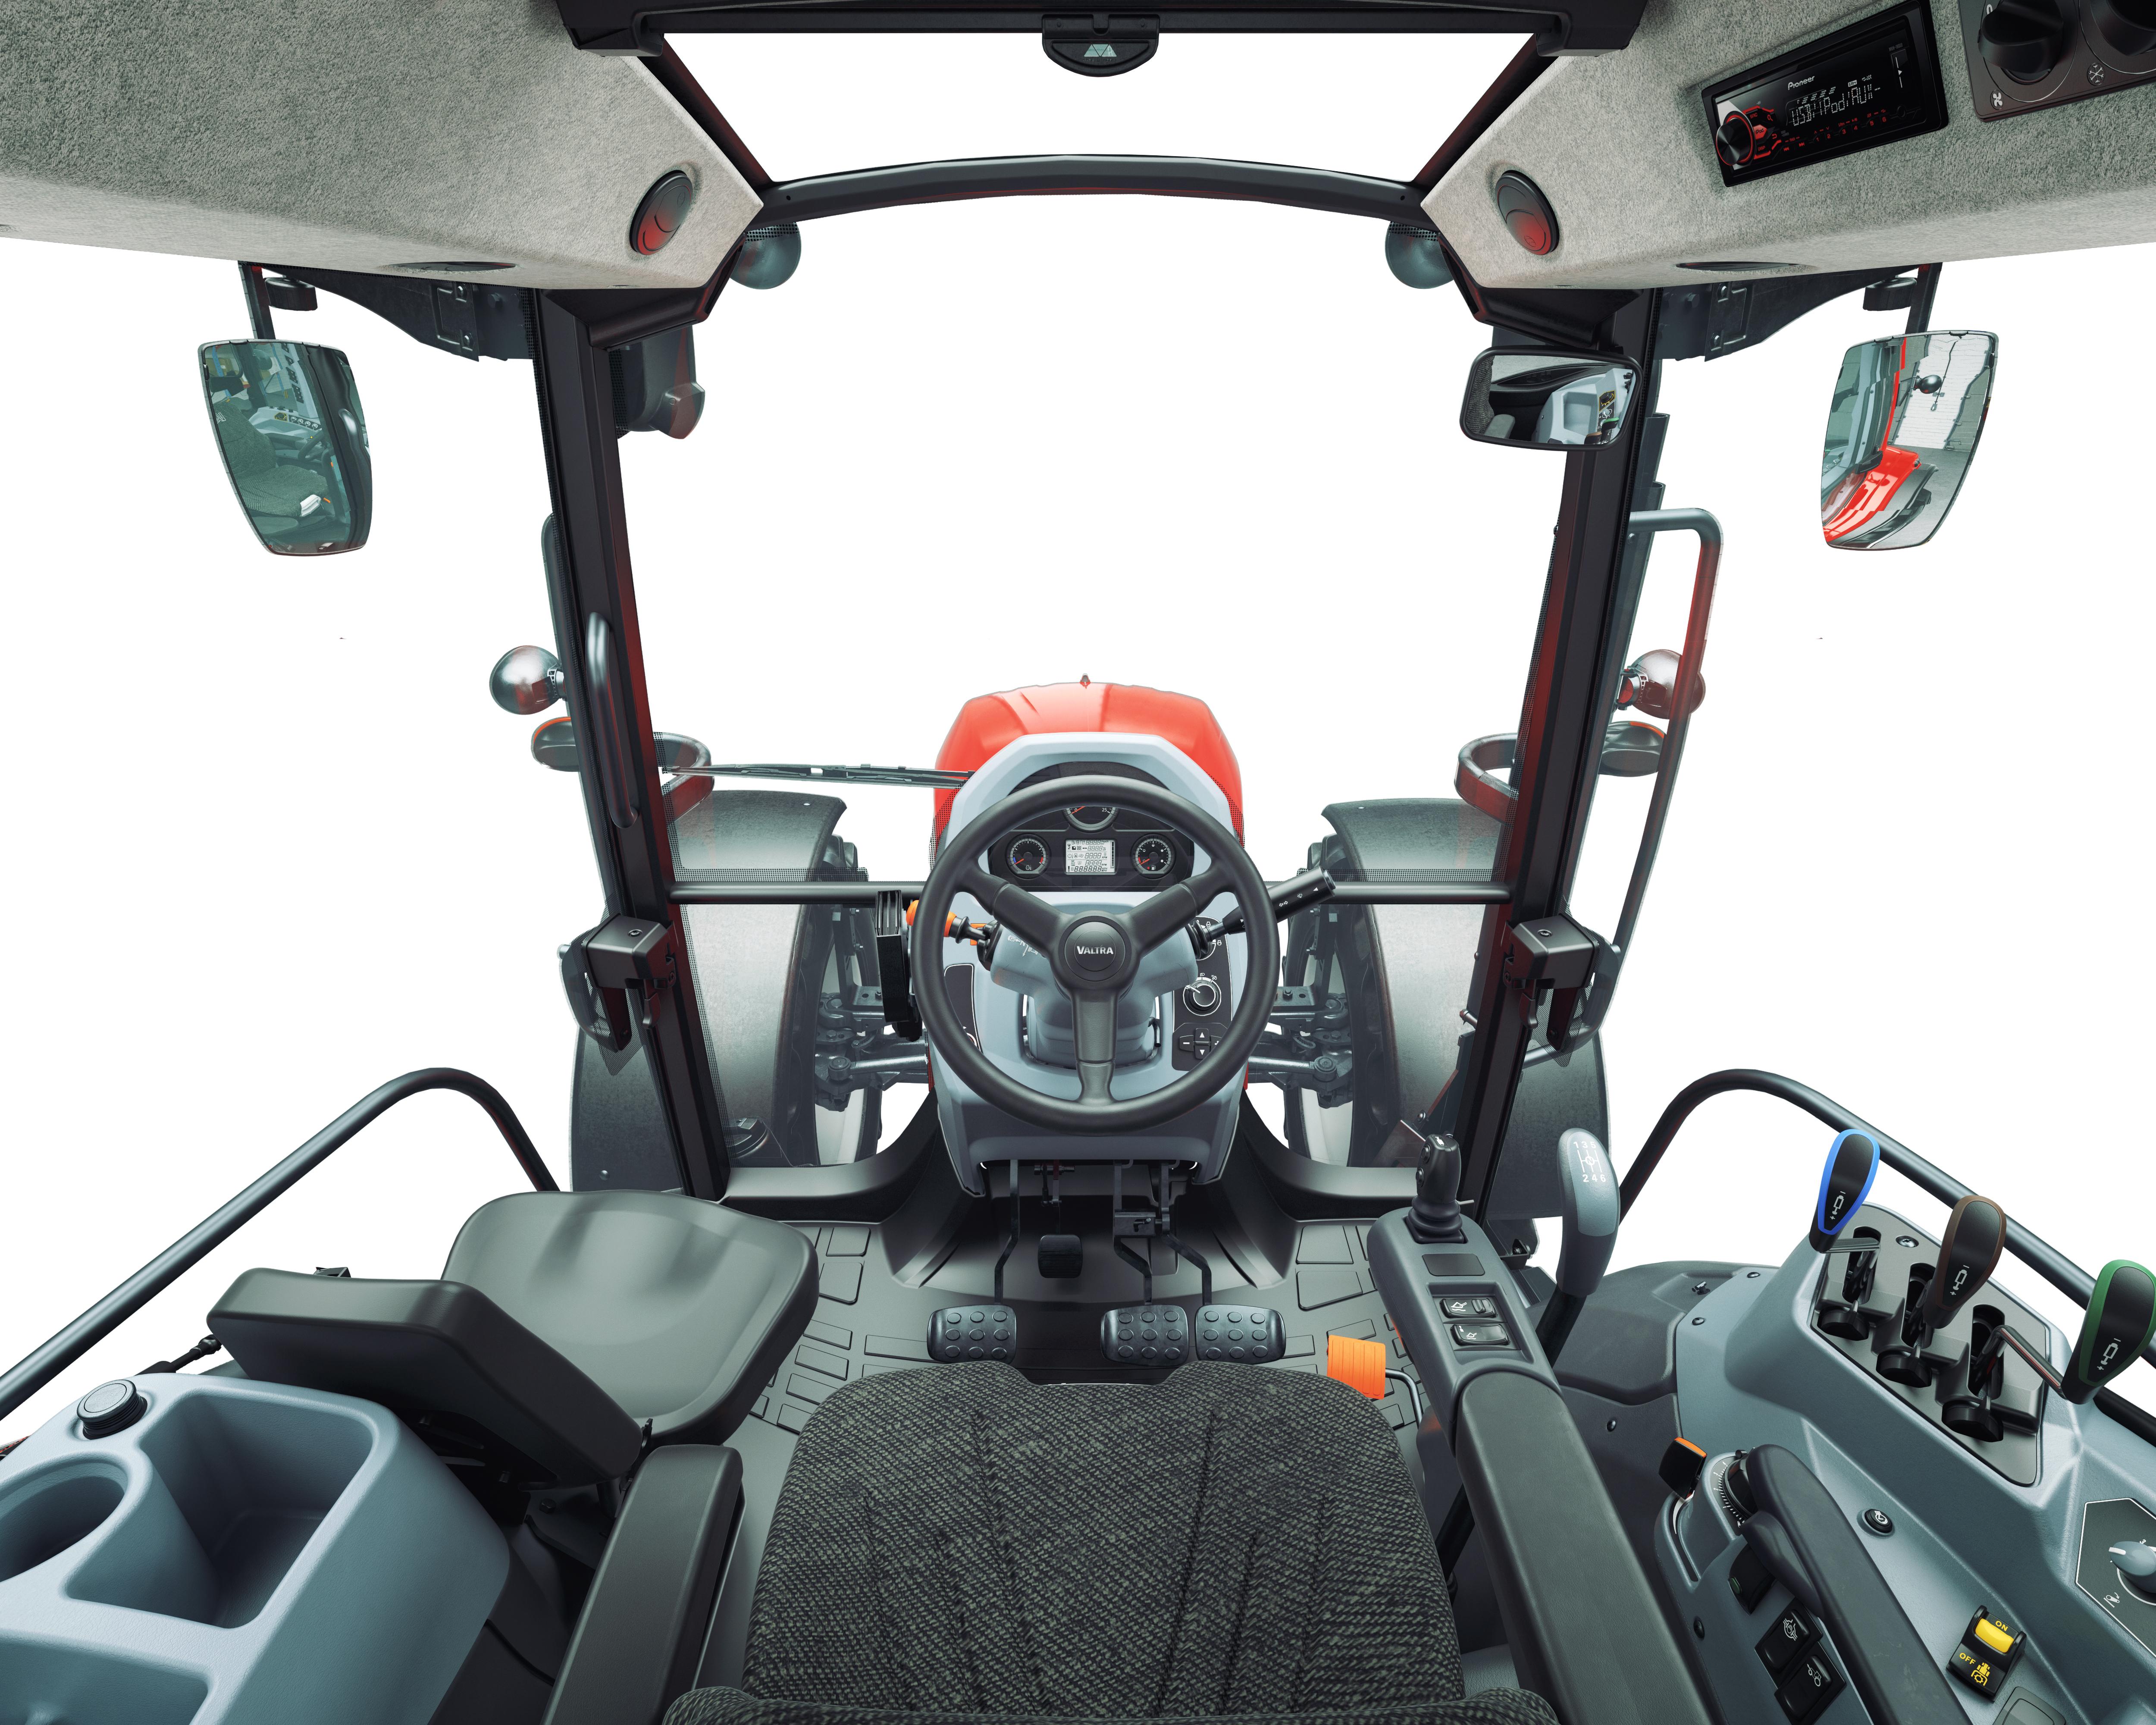 Die 5-Pfosten Kabine mit ihren kompakten Abmessungen und ausgezeichnetem Handling bietet eine moderne und komfortable Arbeitsumgebung. Die Kabine ist leise, der Geräuschpegel liegt bei 75 dB.